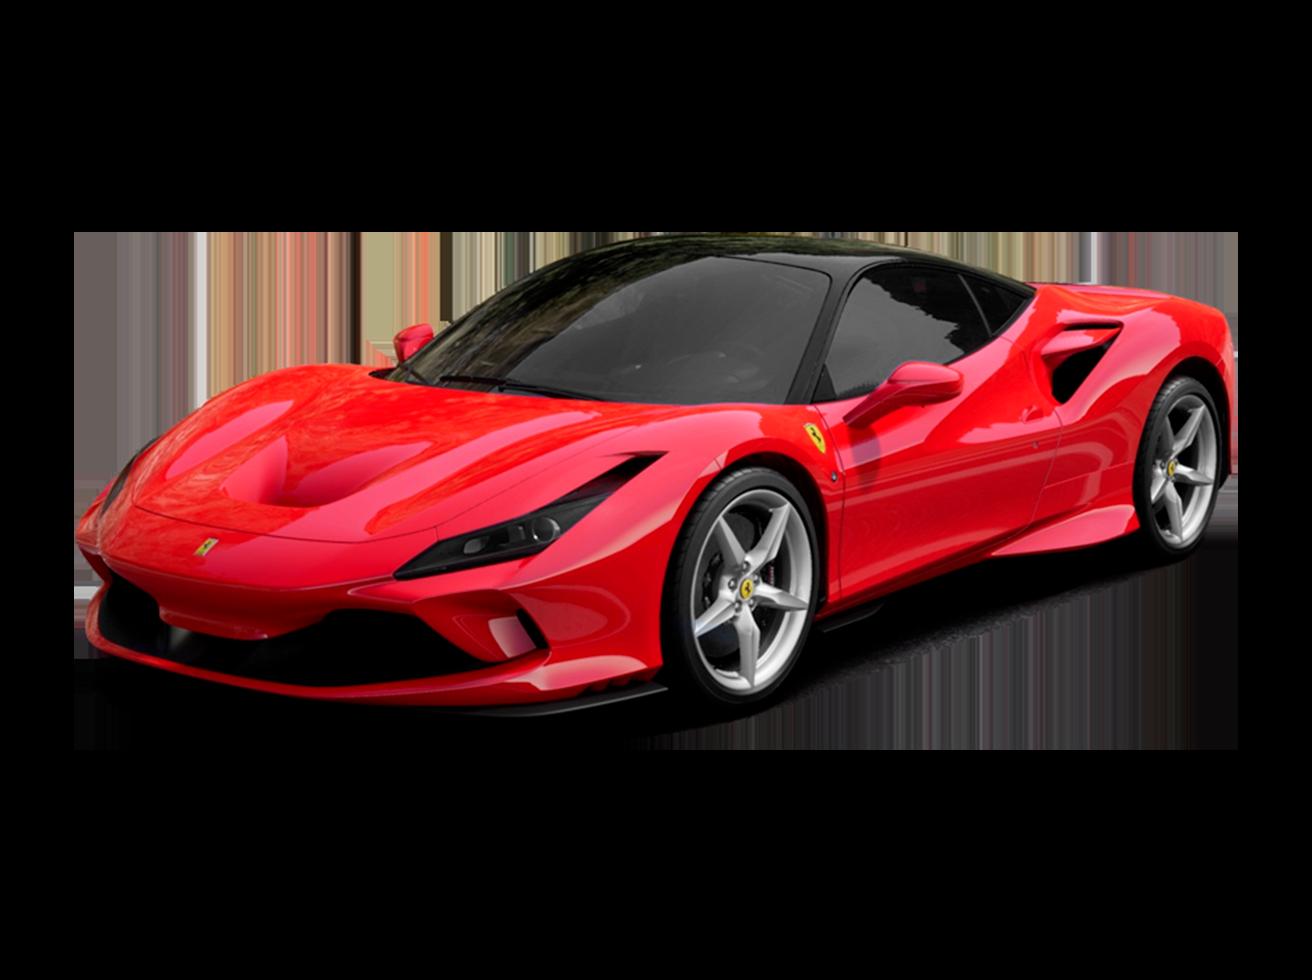 FERRARI - F8 - 3.9 V8 TURBO TRIBUTO GASOLINA F1-DCT